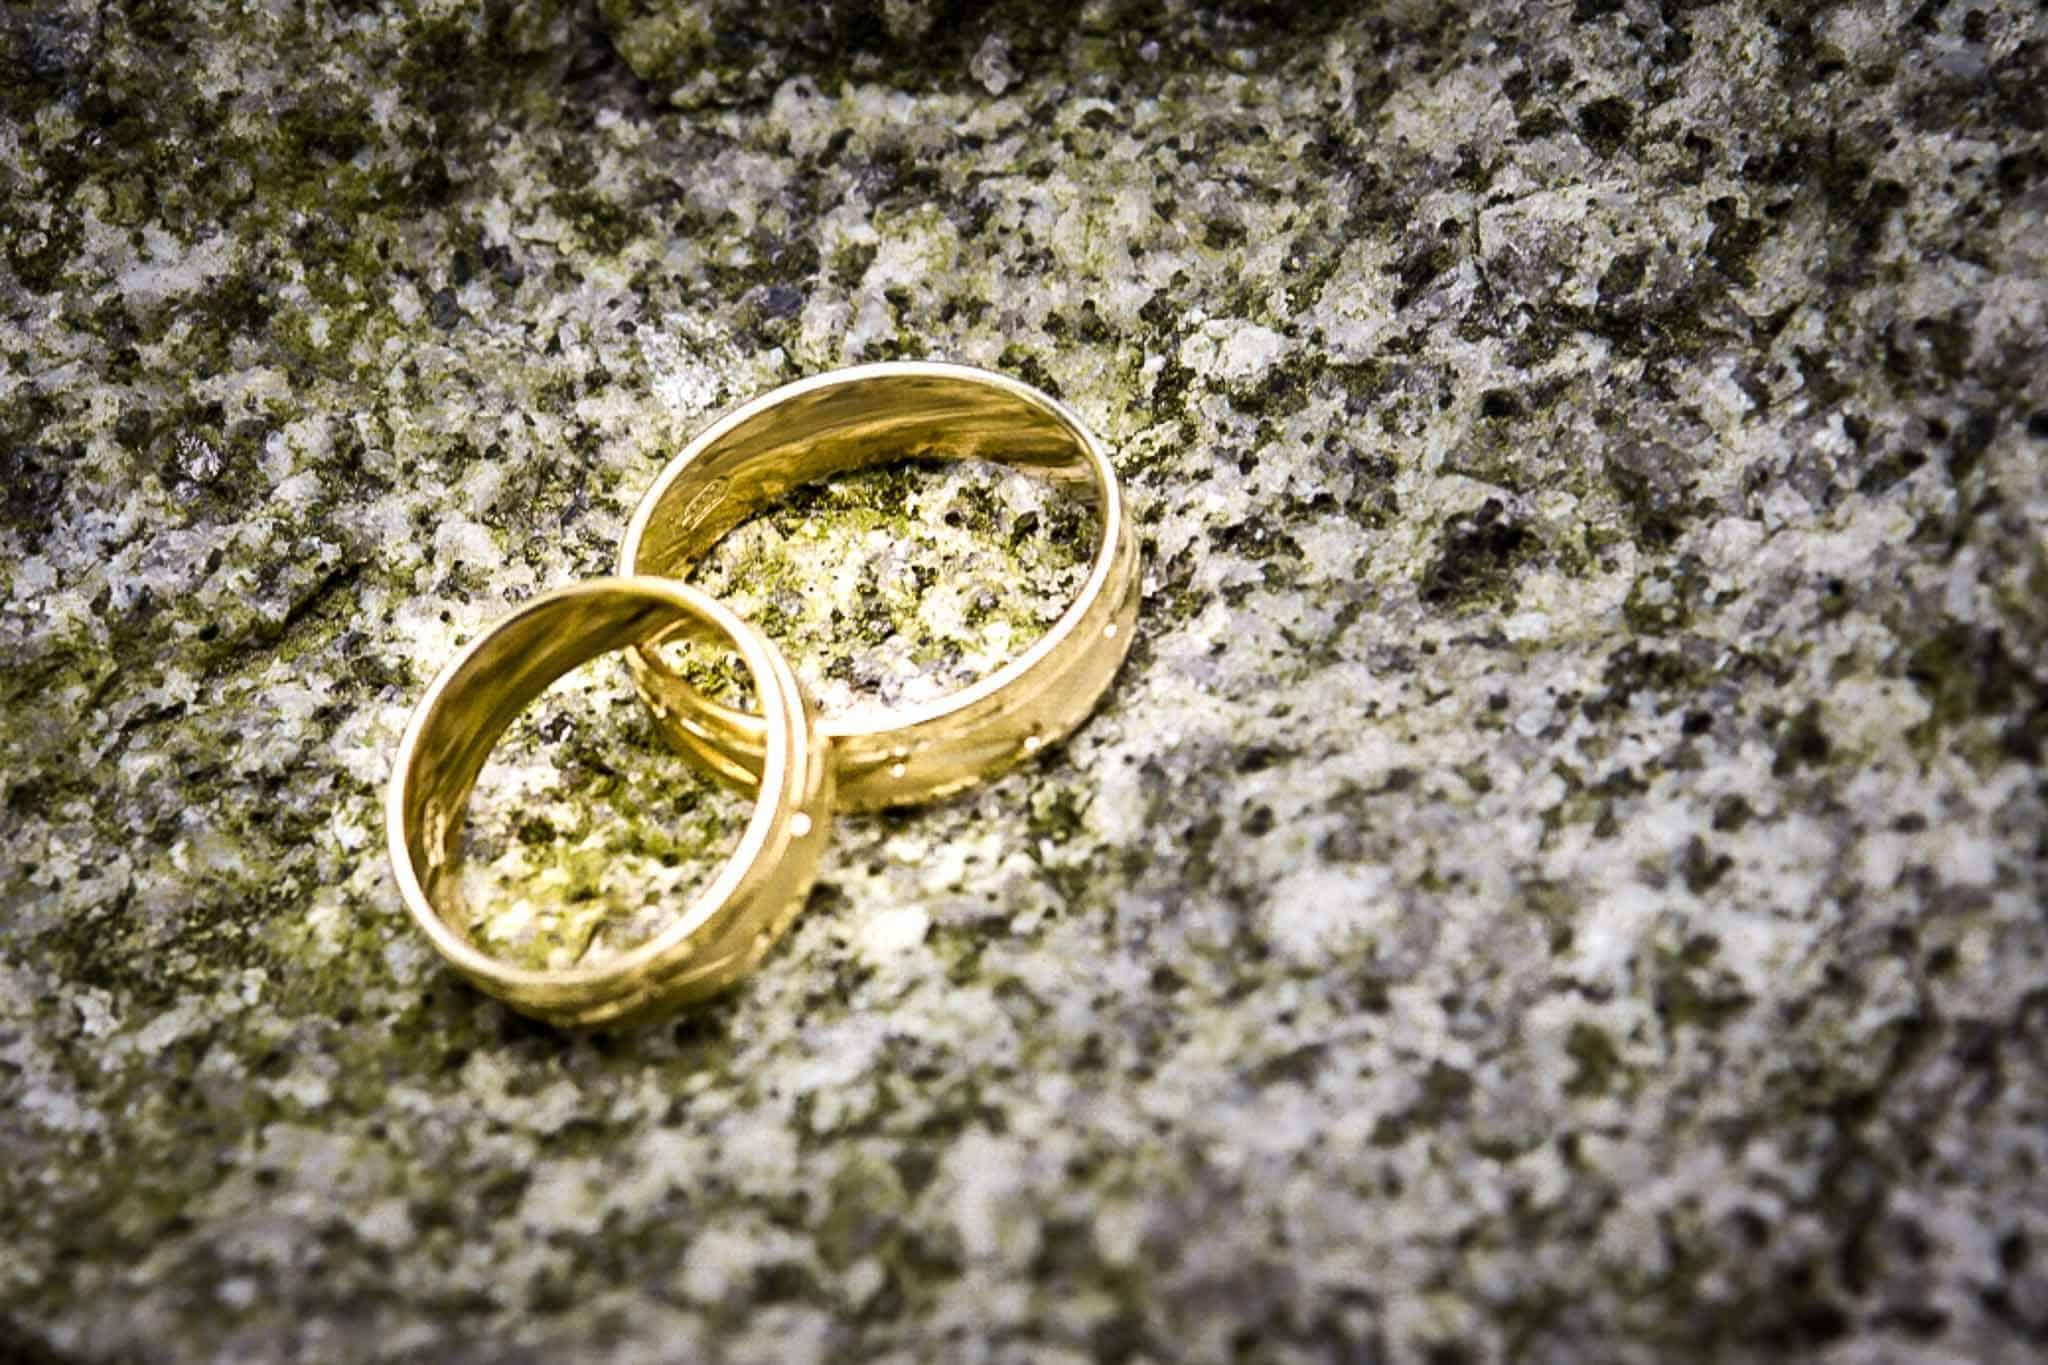 Ringes des Brautpaares auf einem Stein, Bildoptimierung